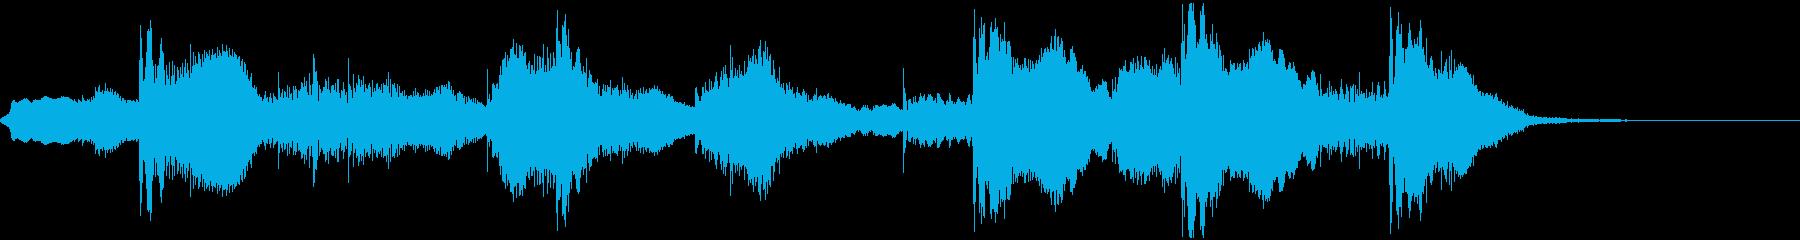 和風のコミカルなジングルの再生済みの波形